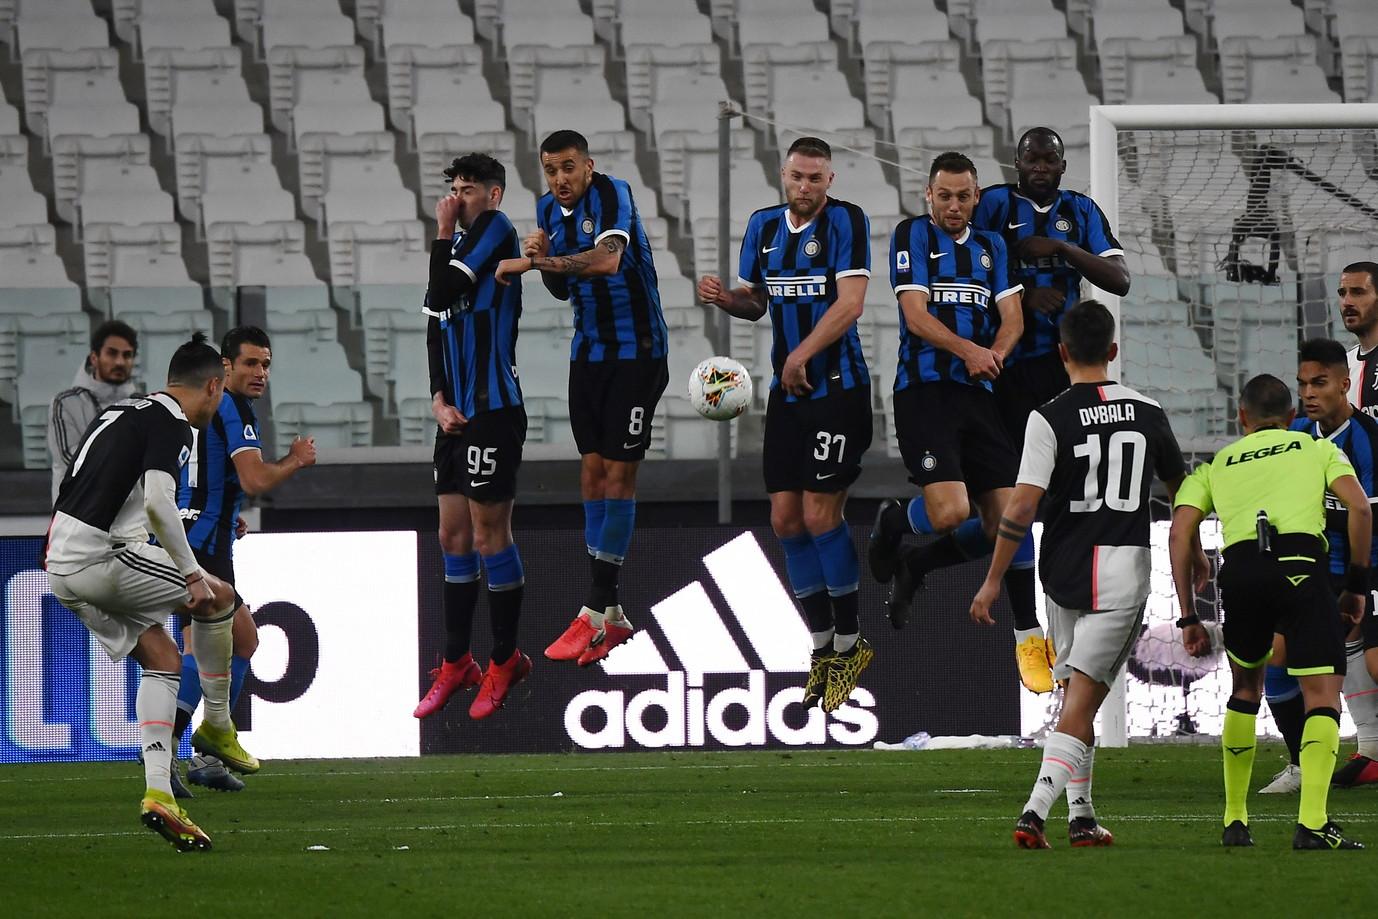 Juventus vs Inter 2020: i bianconeri vincono 2-0 ma verrà ricordata per lo Stadium vuoto a causa della pandemia di Covid-19. Di lì a breve lo stop della Serie A